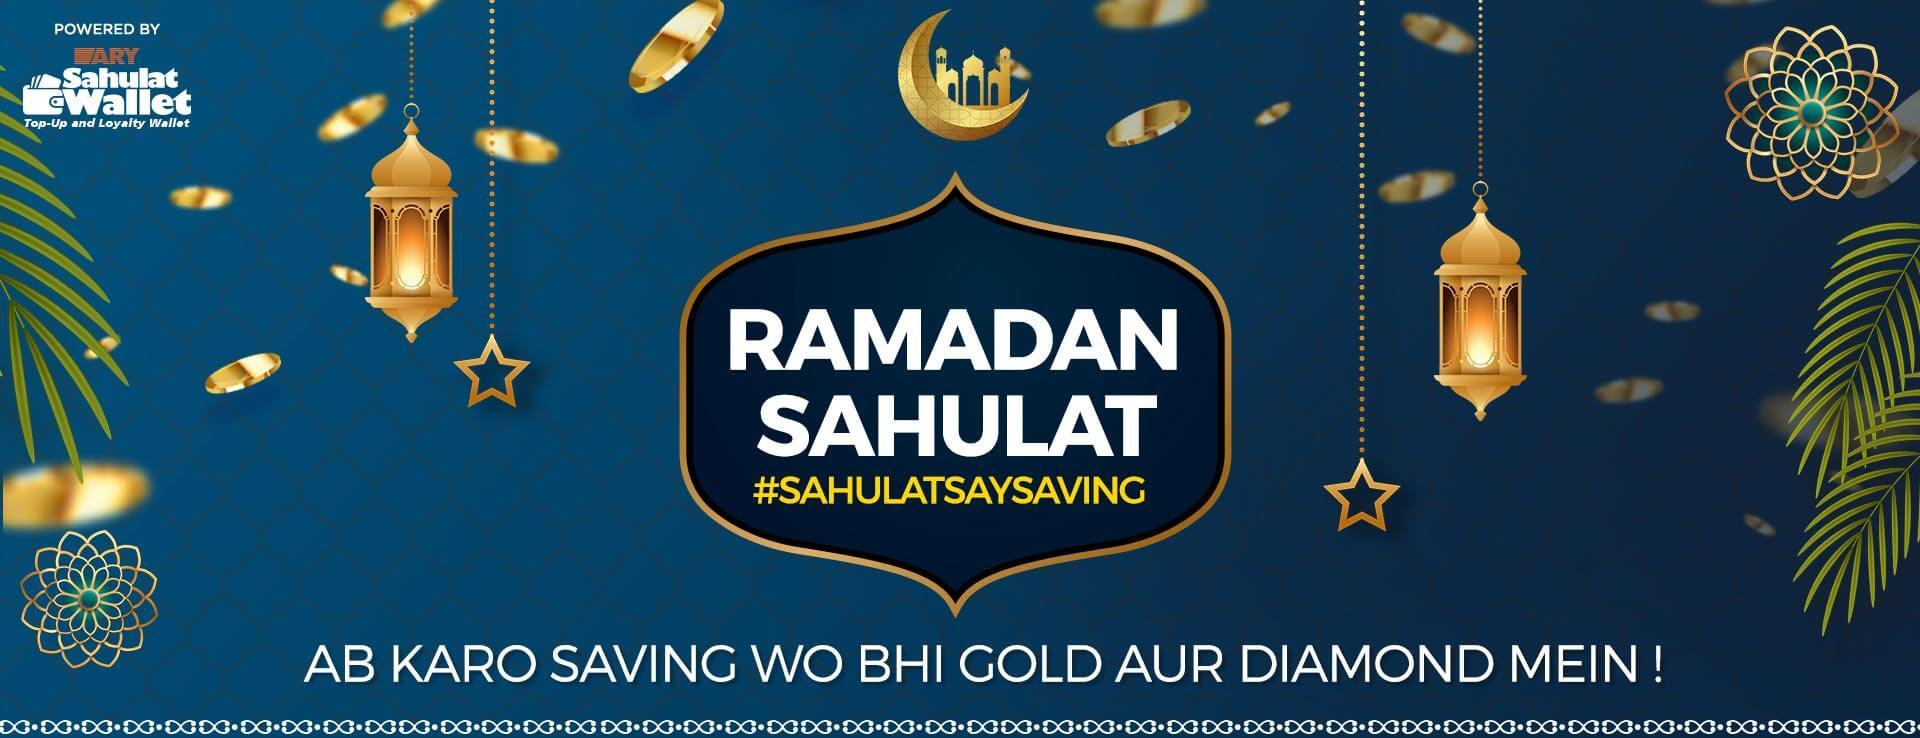 Ramadan Deals 2021 in Pakistan